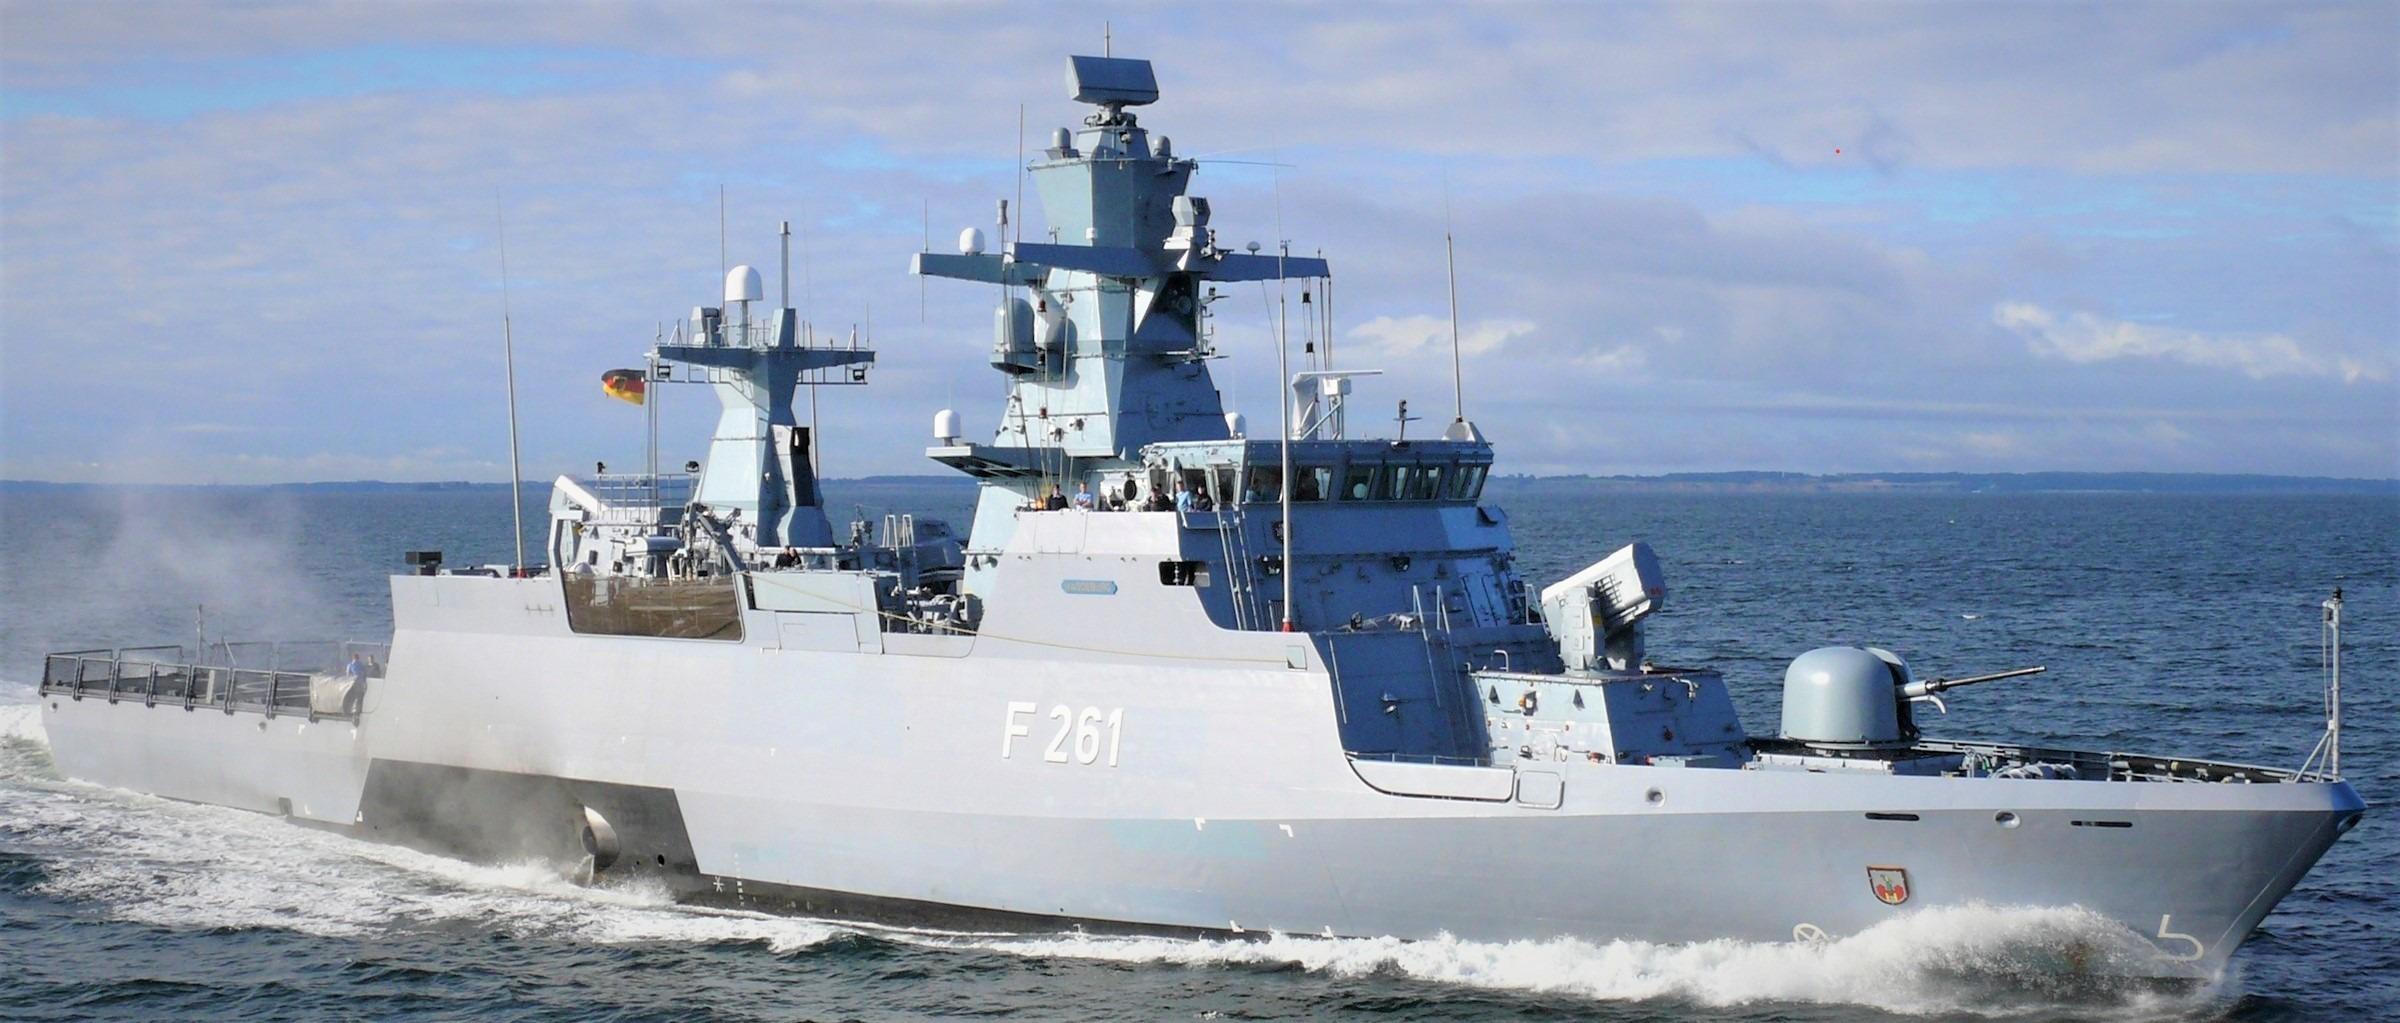 almanya donanması k130 korvet